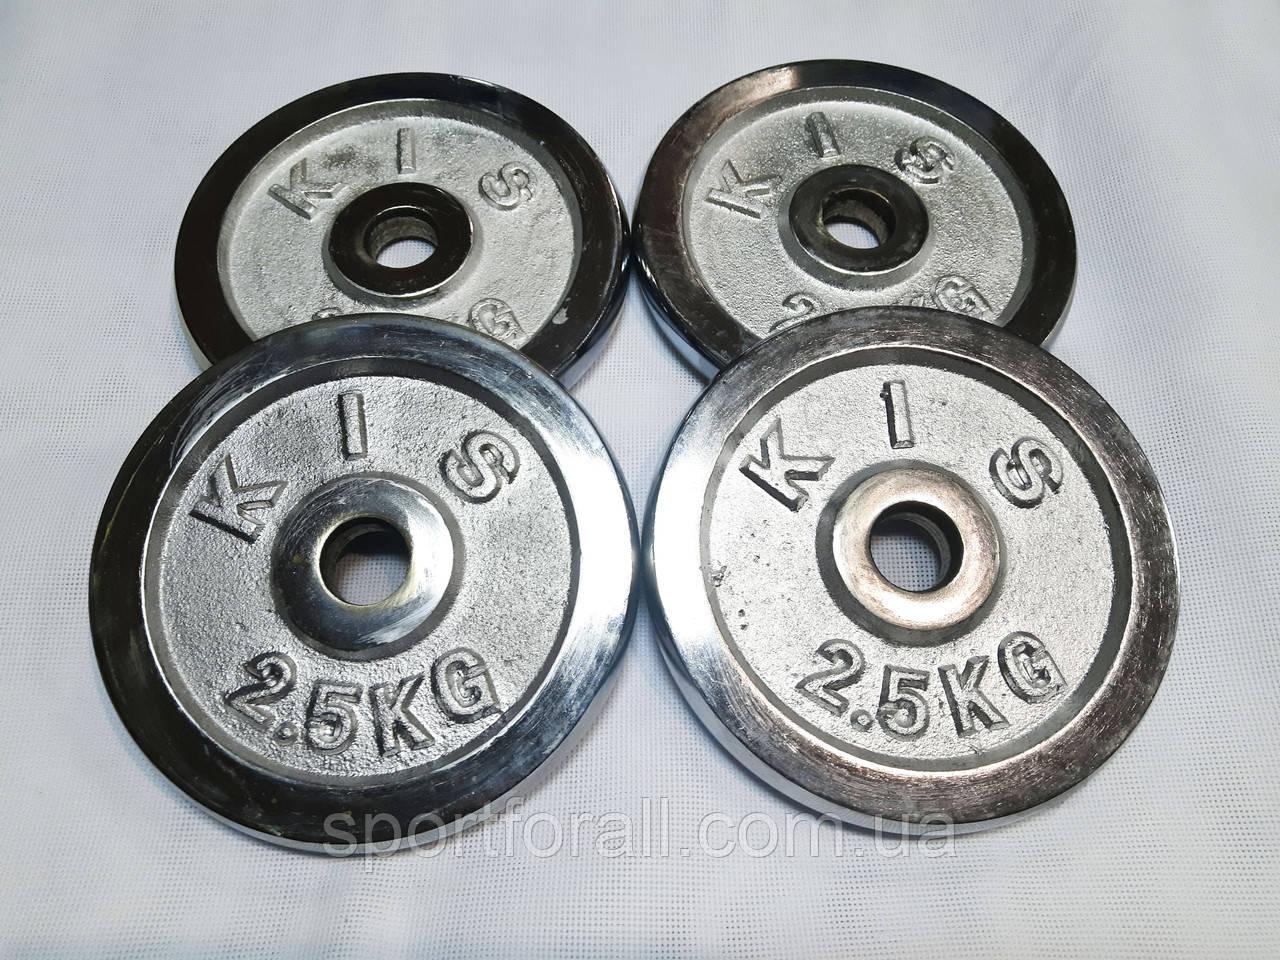 Блины (диски) хромированные d-27мм ТА-2,5кг x 4шт.